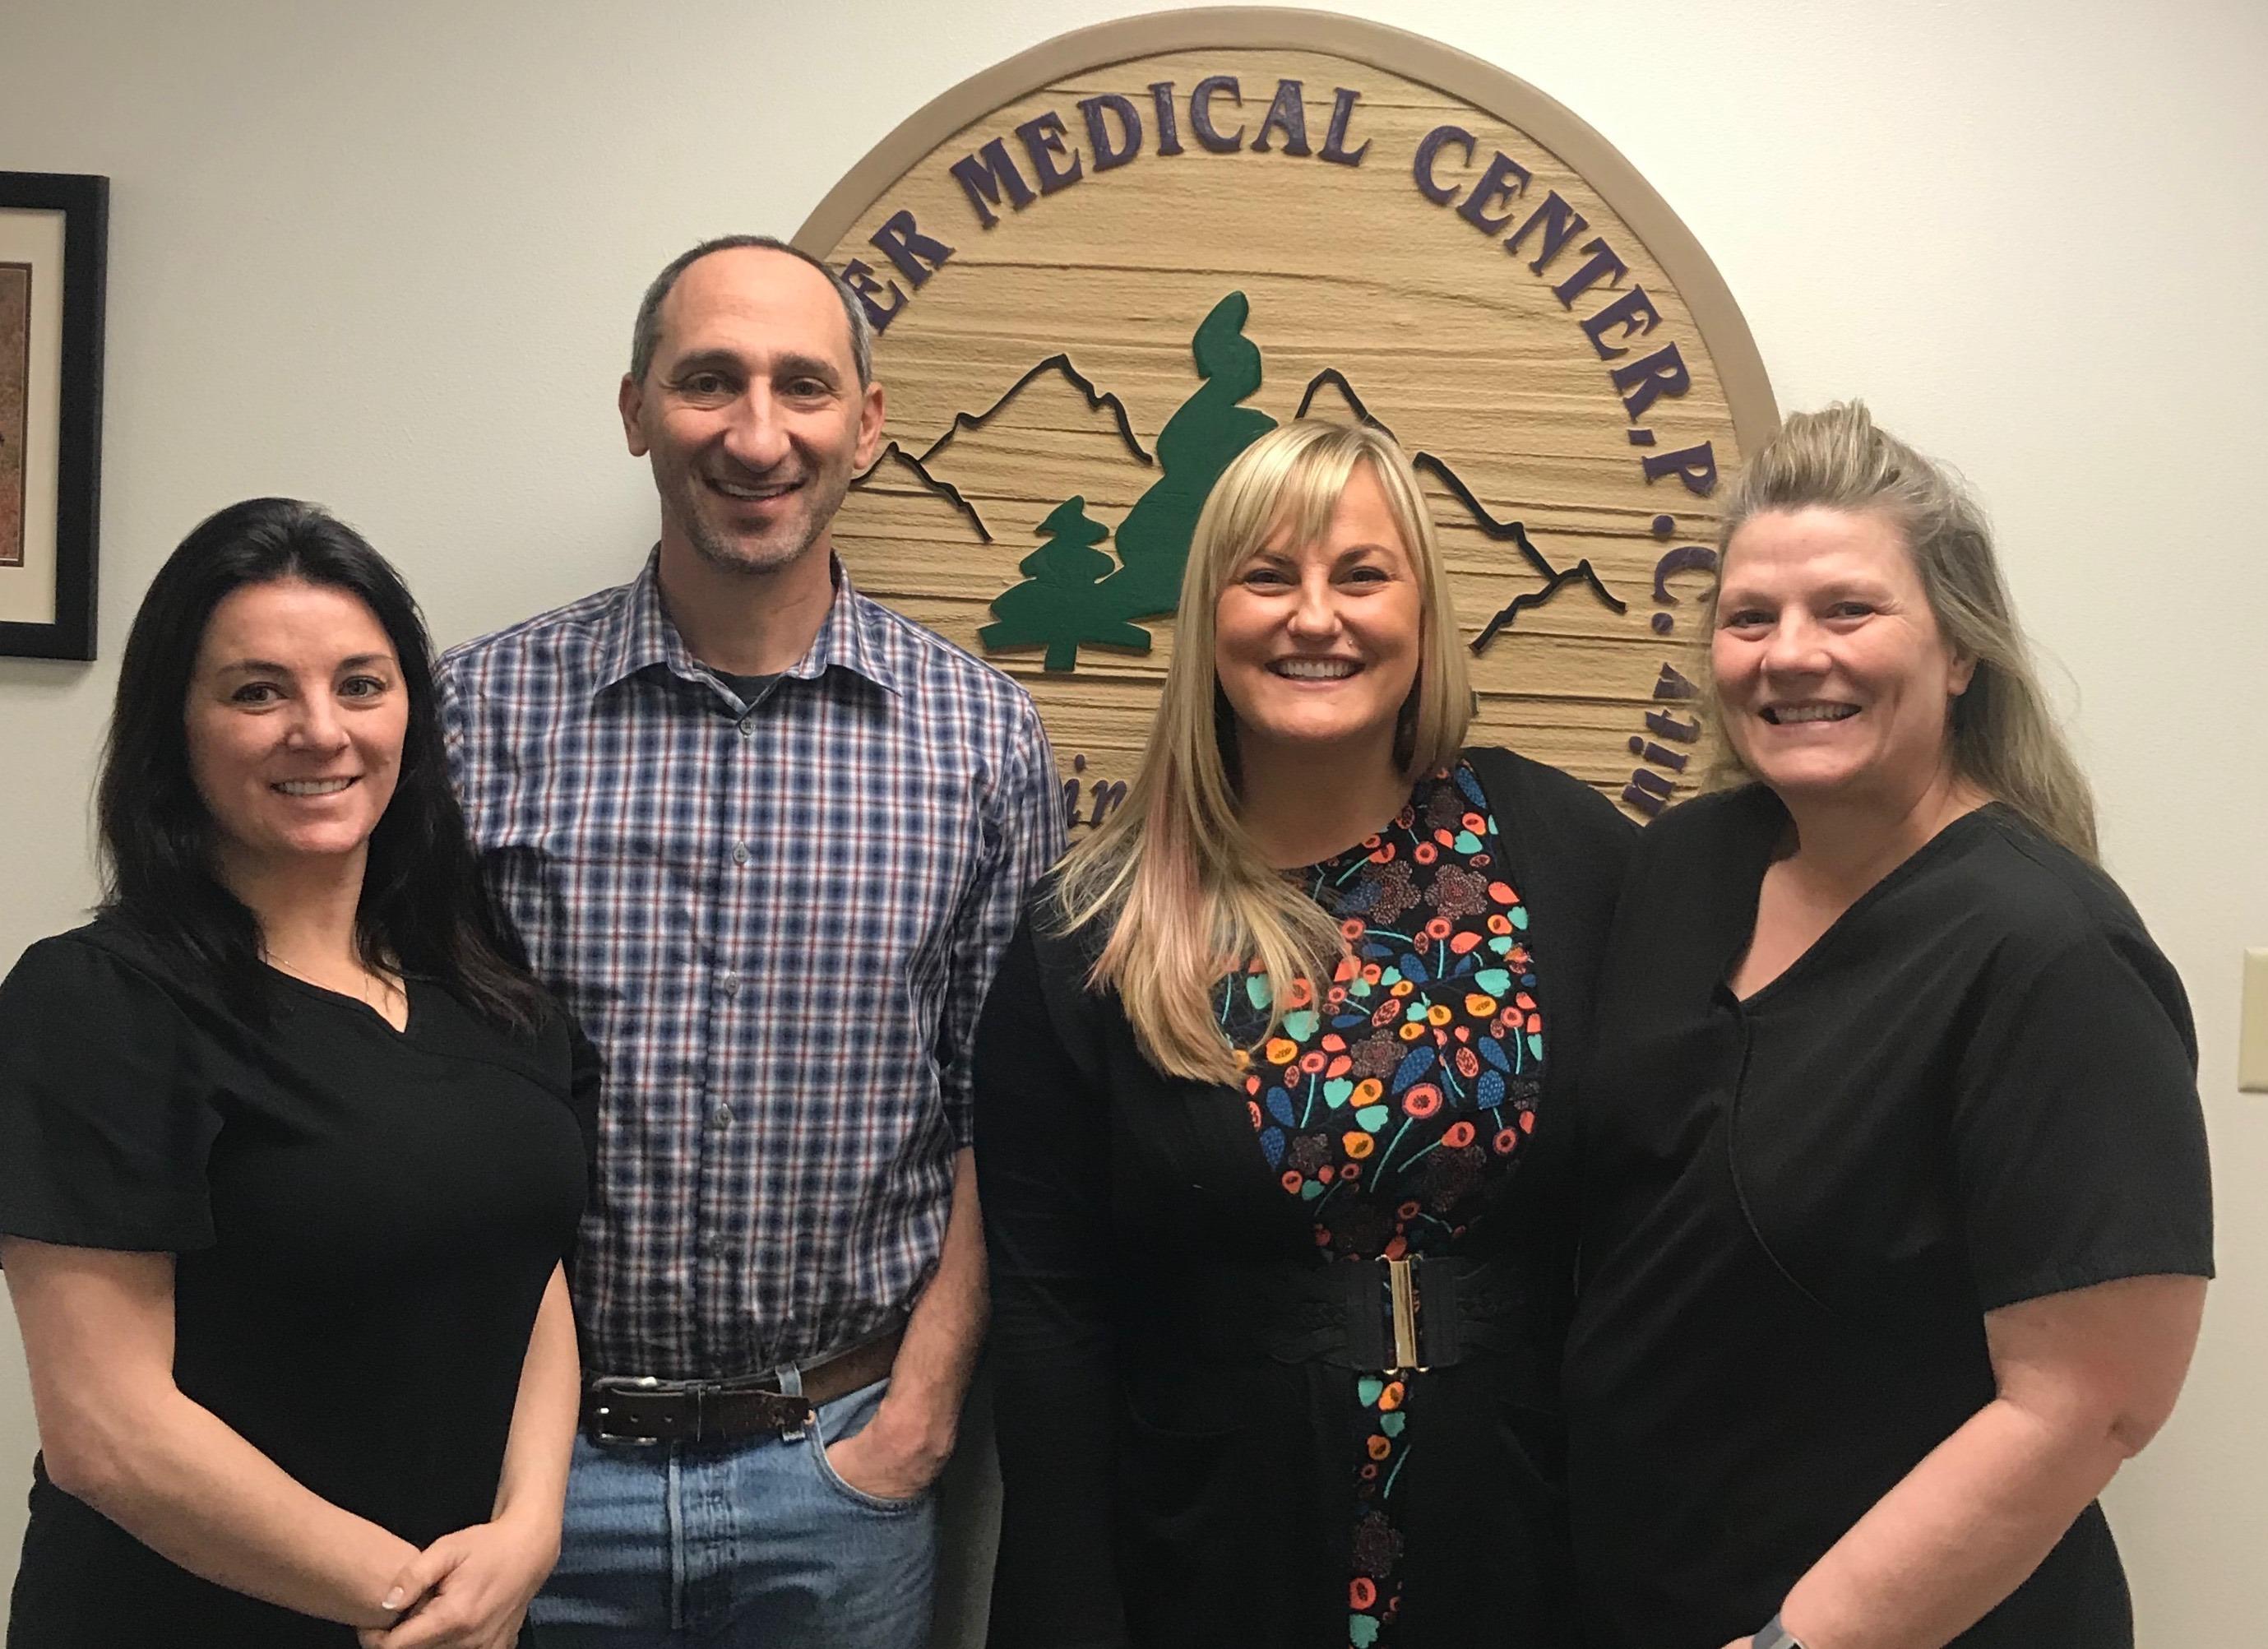 Conifer Medical Center staff